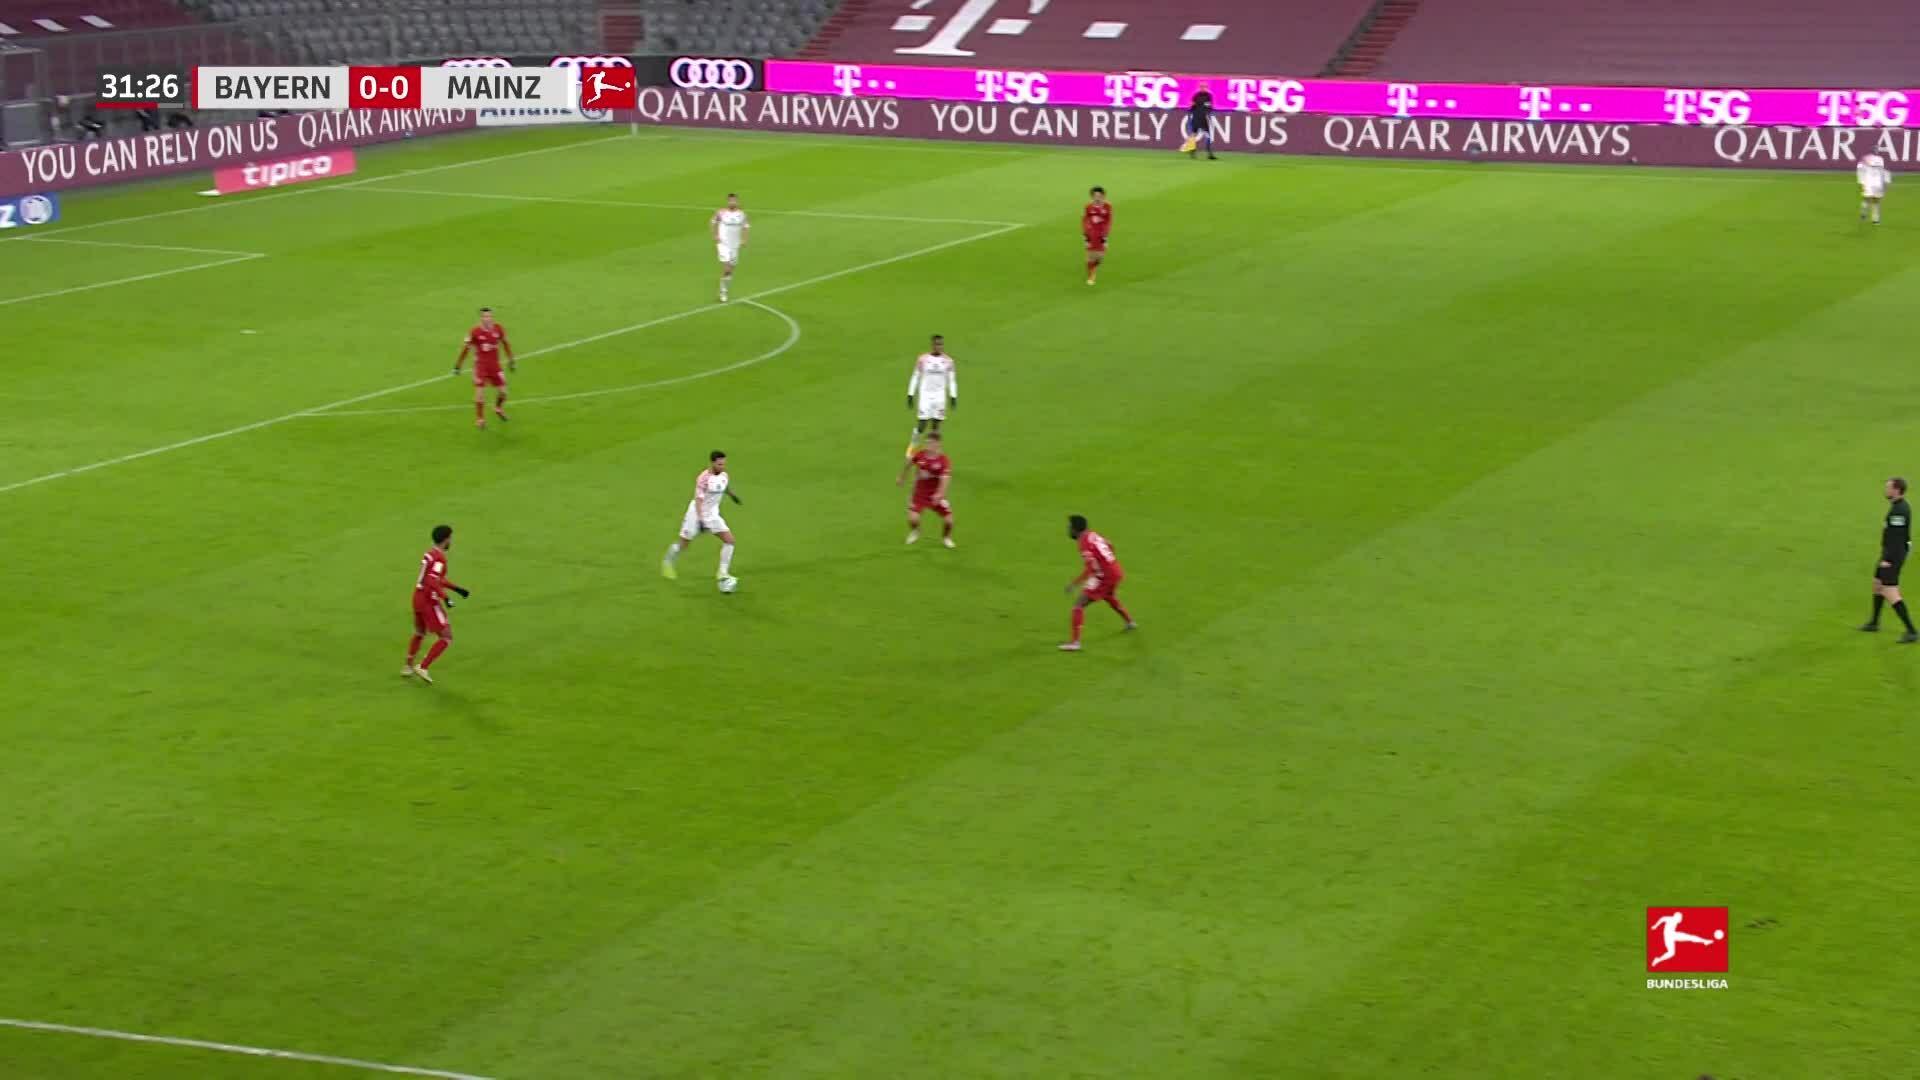 Bayern 5-2 Mainz 05